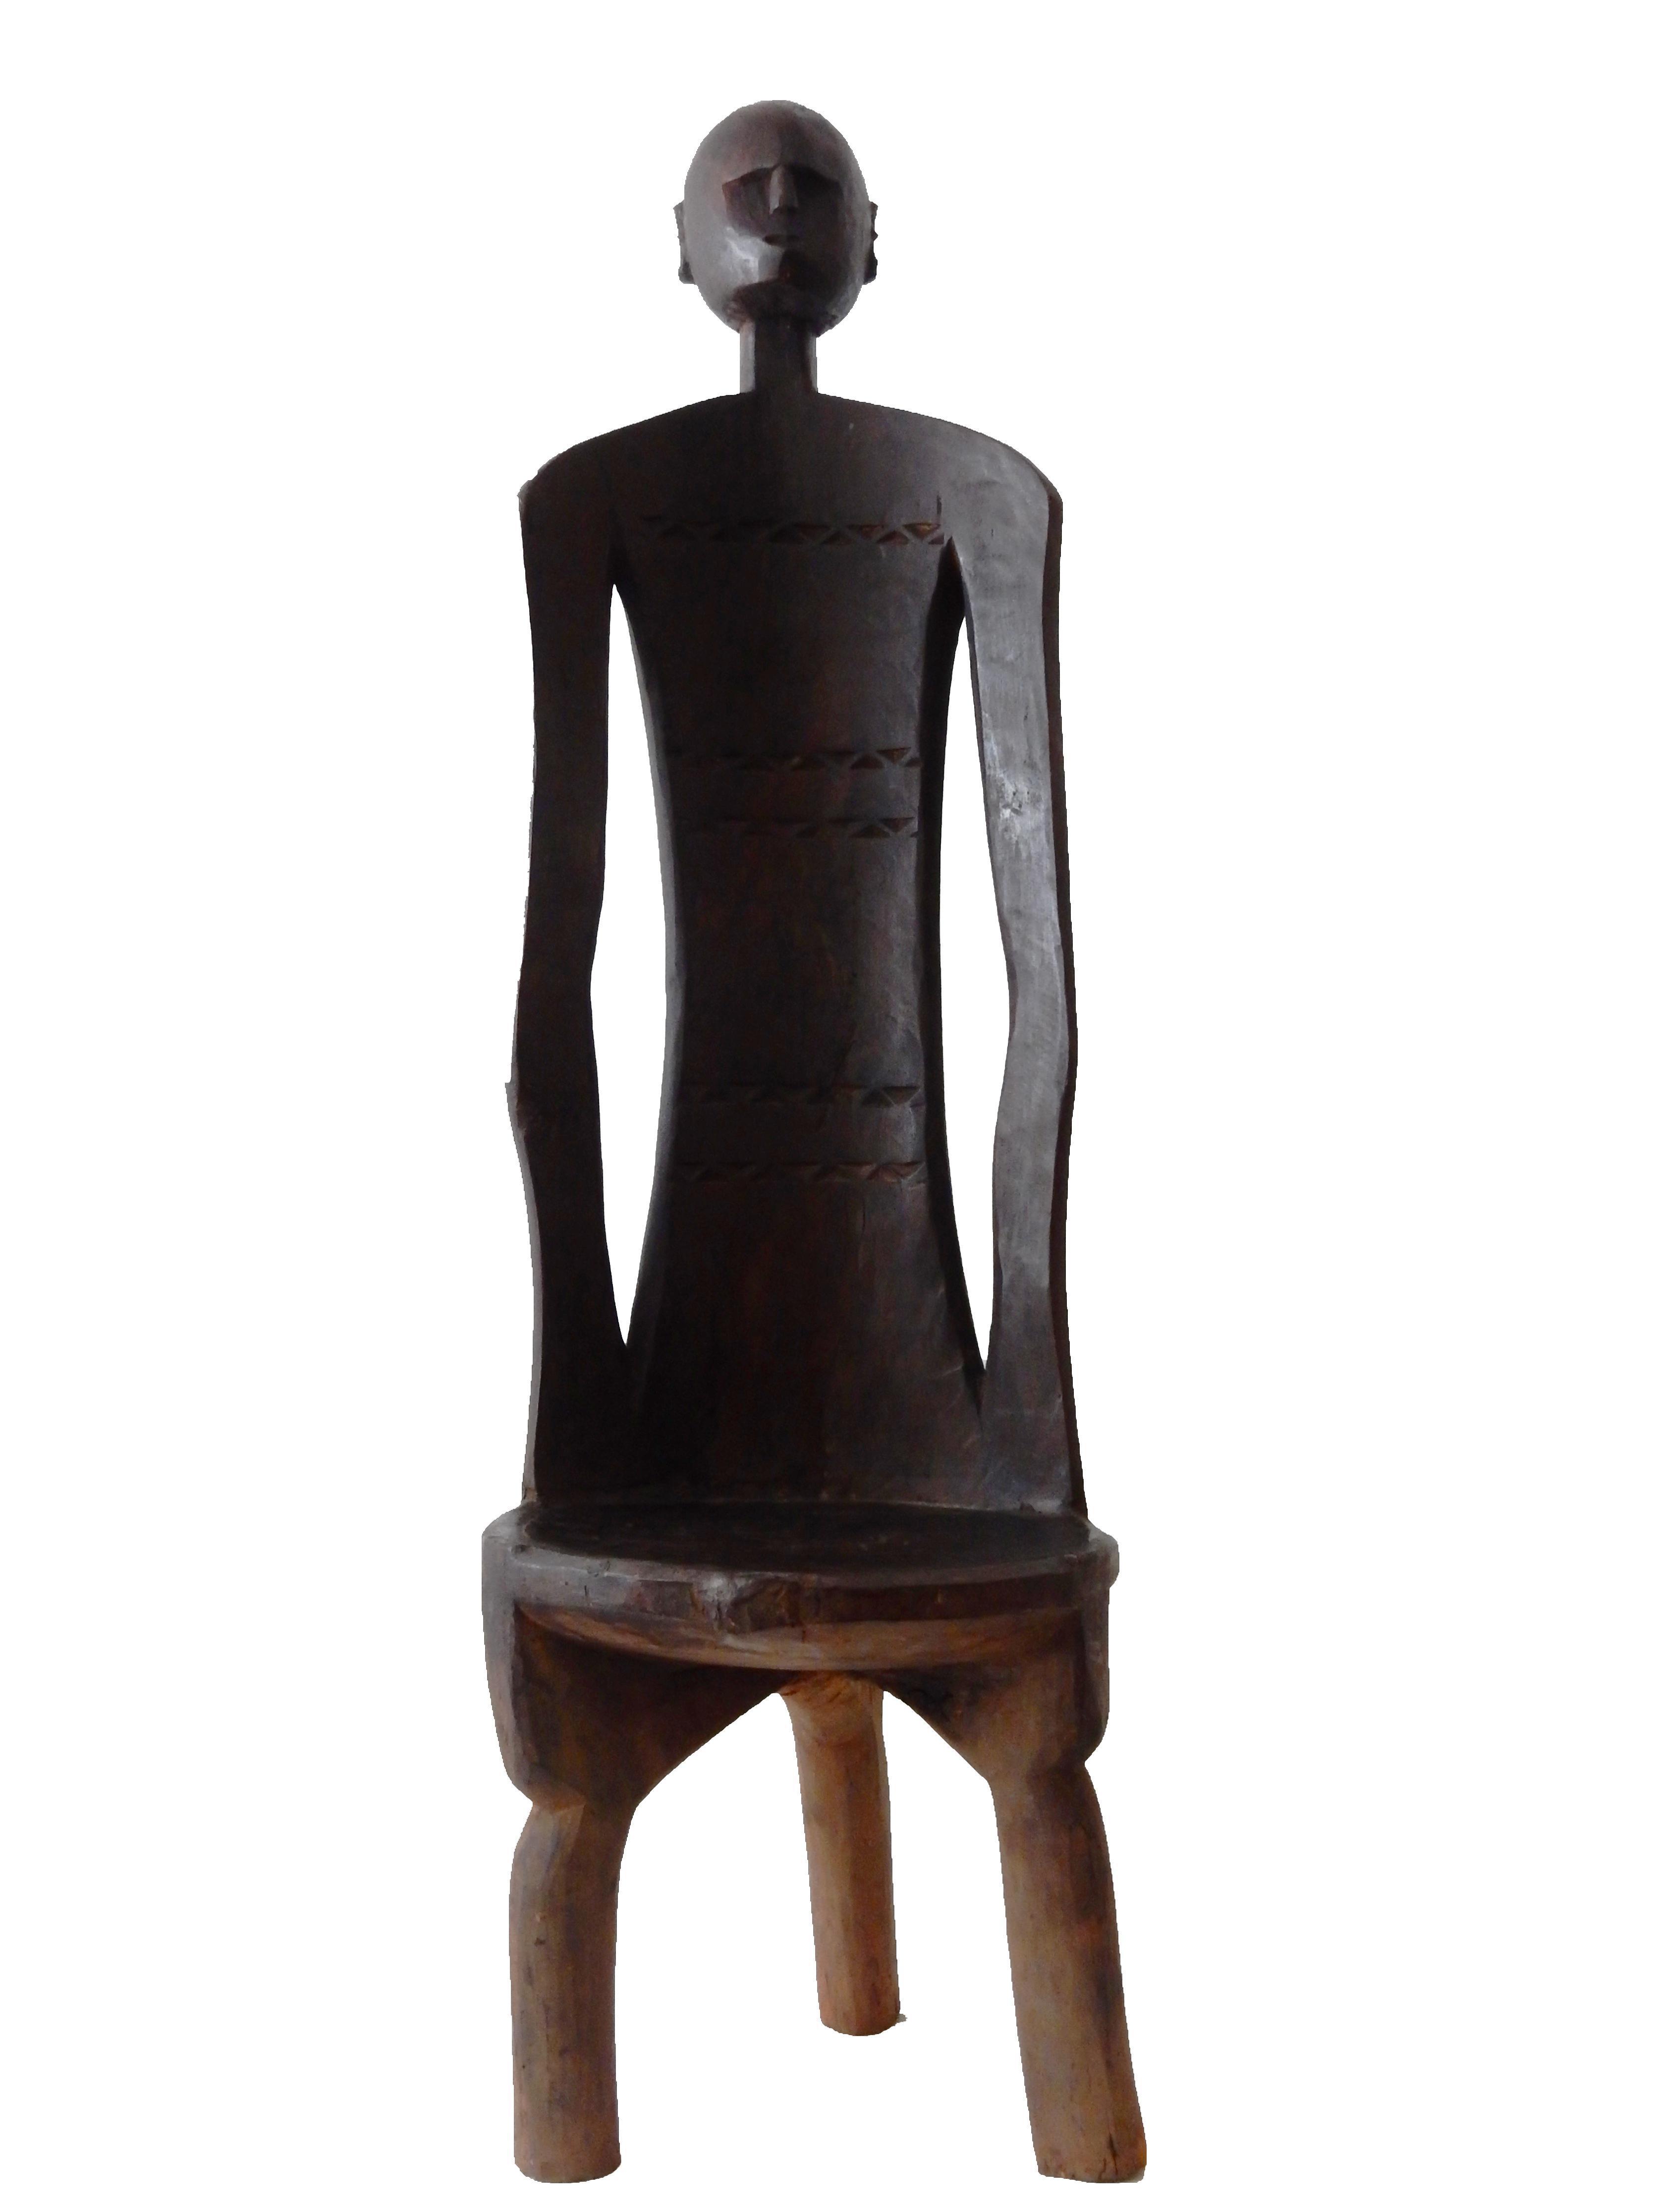 African 3 Legged Makonde Chair On Chairish Com Wood Chair Chair Geometric Chair